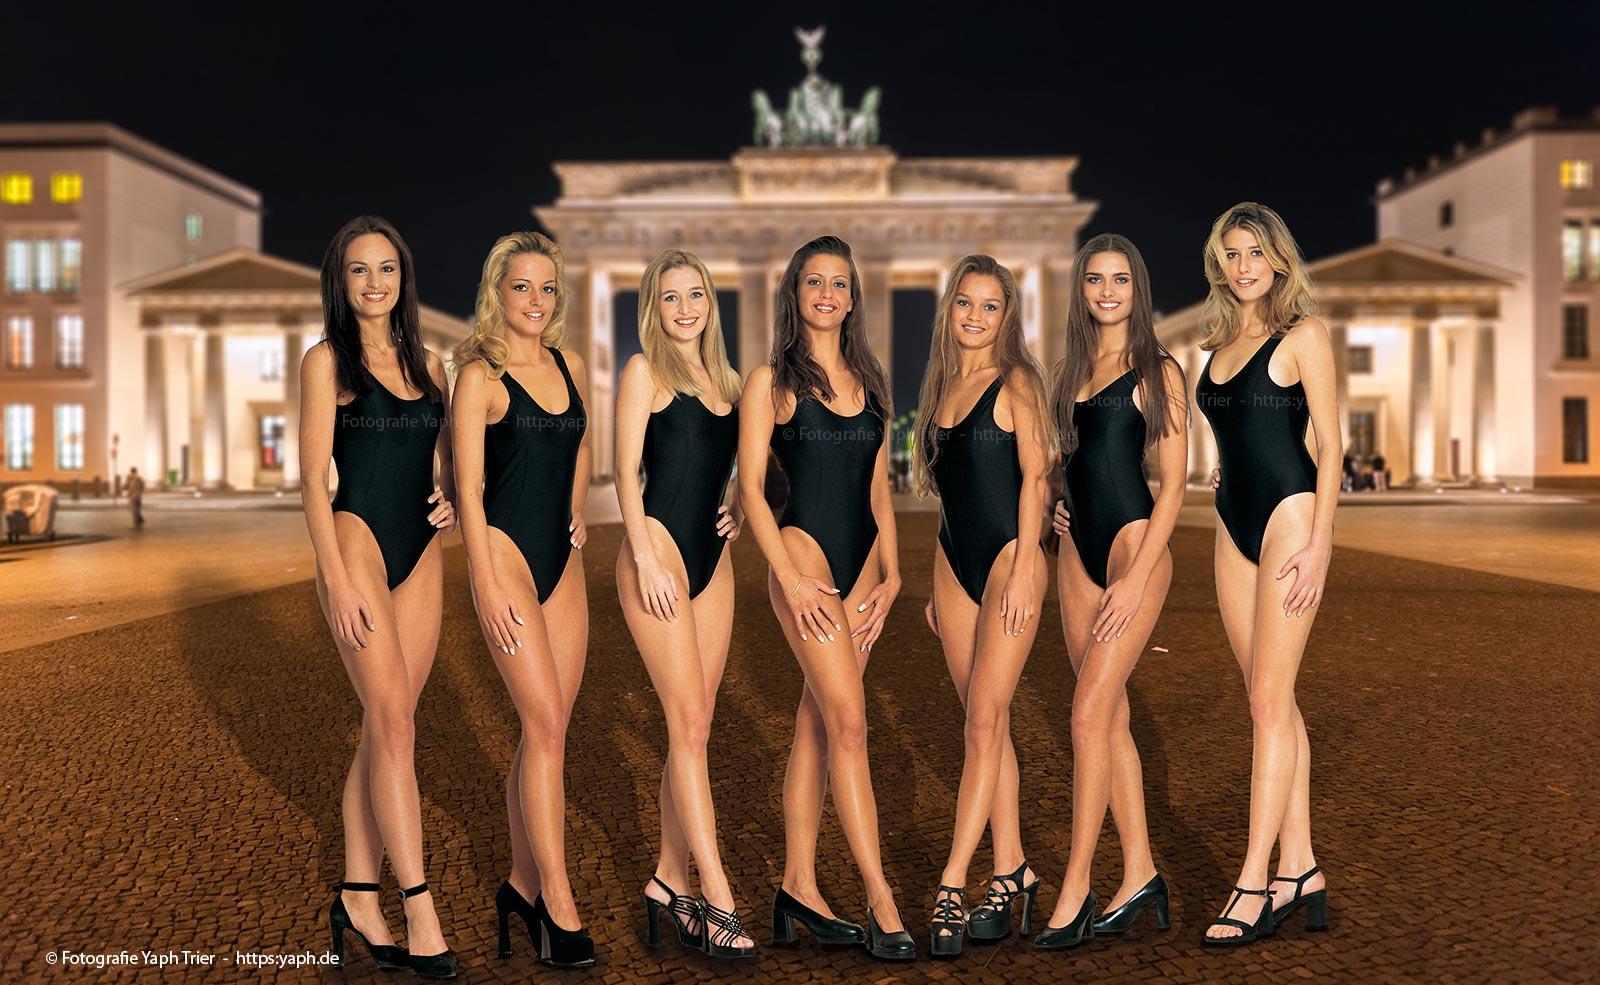 Fotograf Trier - yaph mit seinen Models in Bikini vor dem Brandenburger Tor in Berlin.